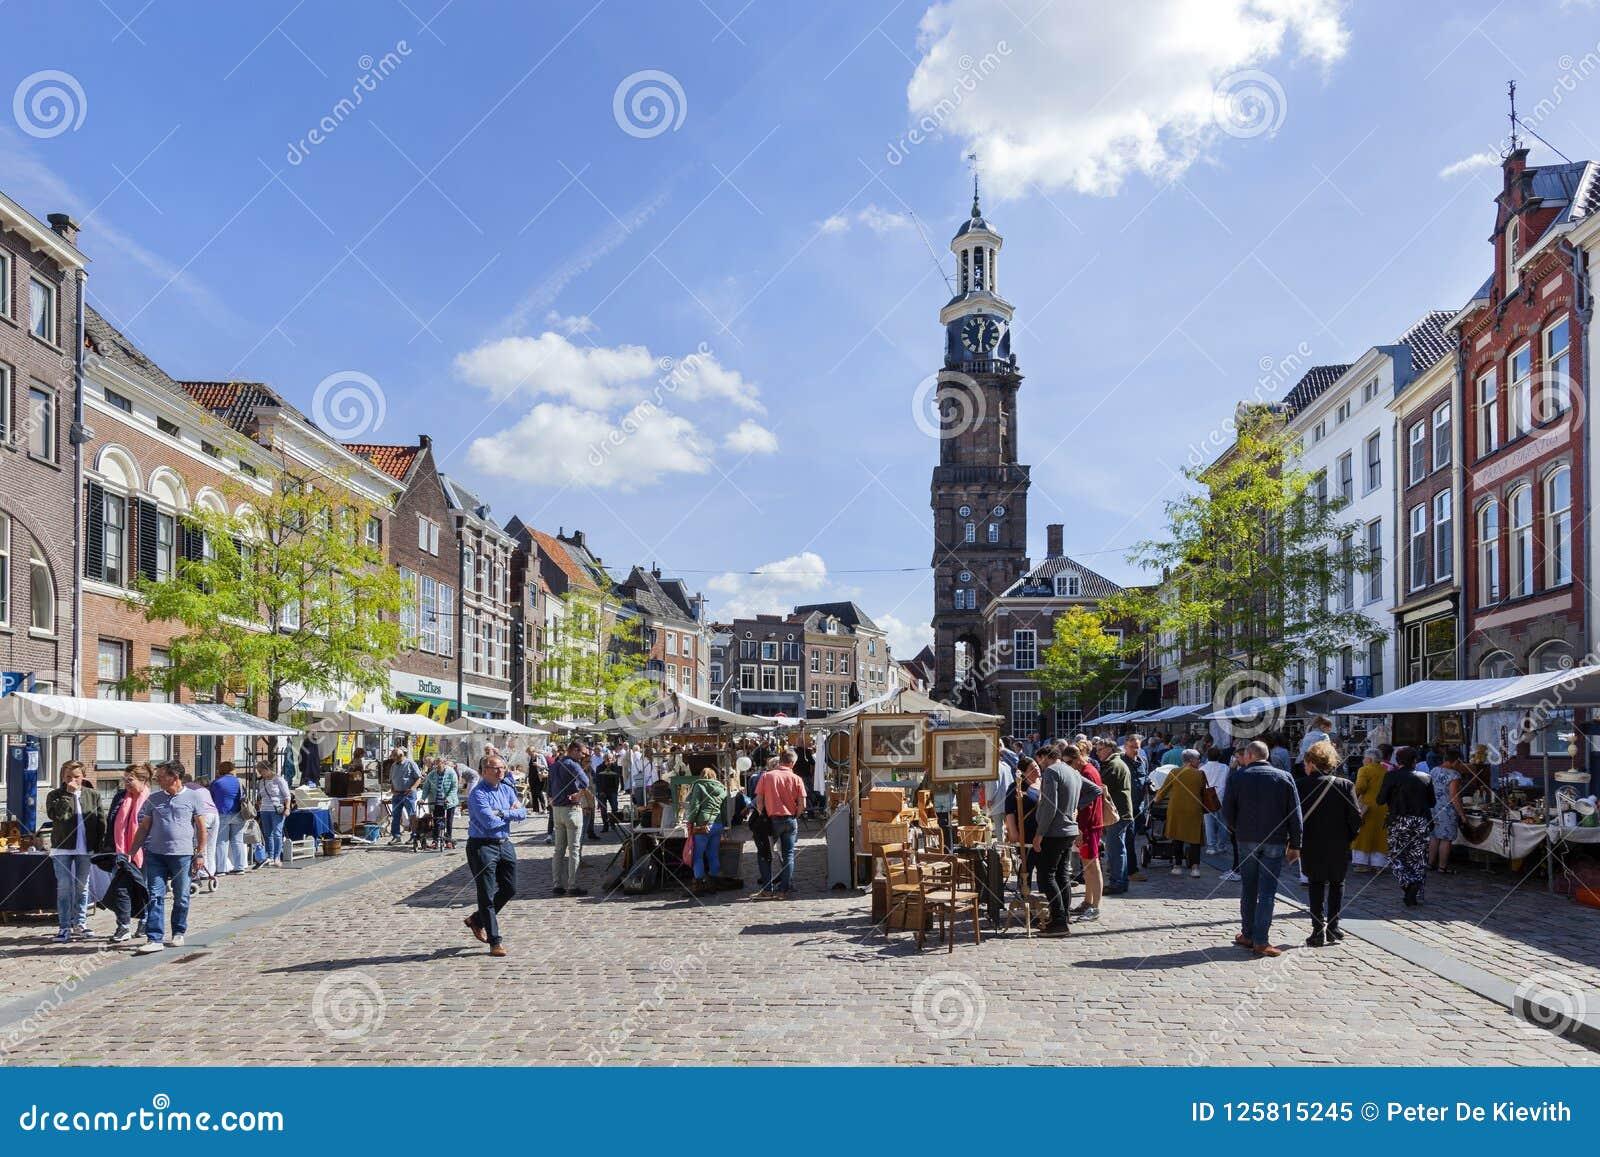 Antikviteter och kuriositeter marknadsför på Groenmarkten i Zutphen